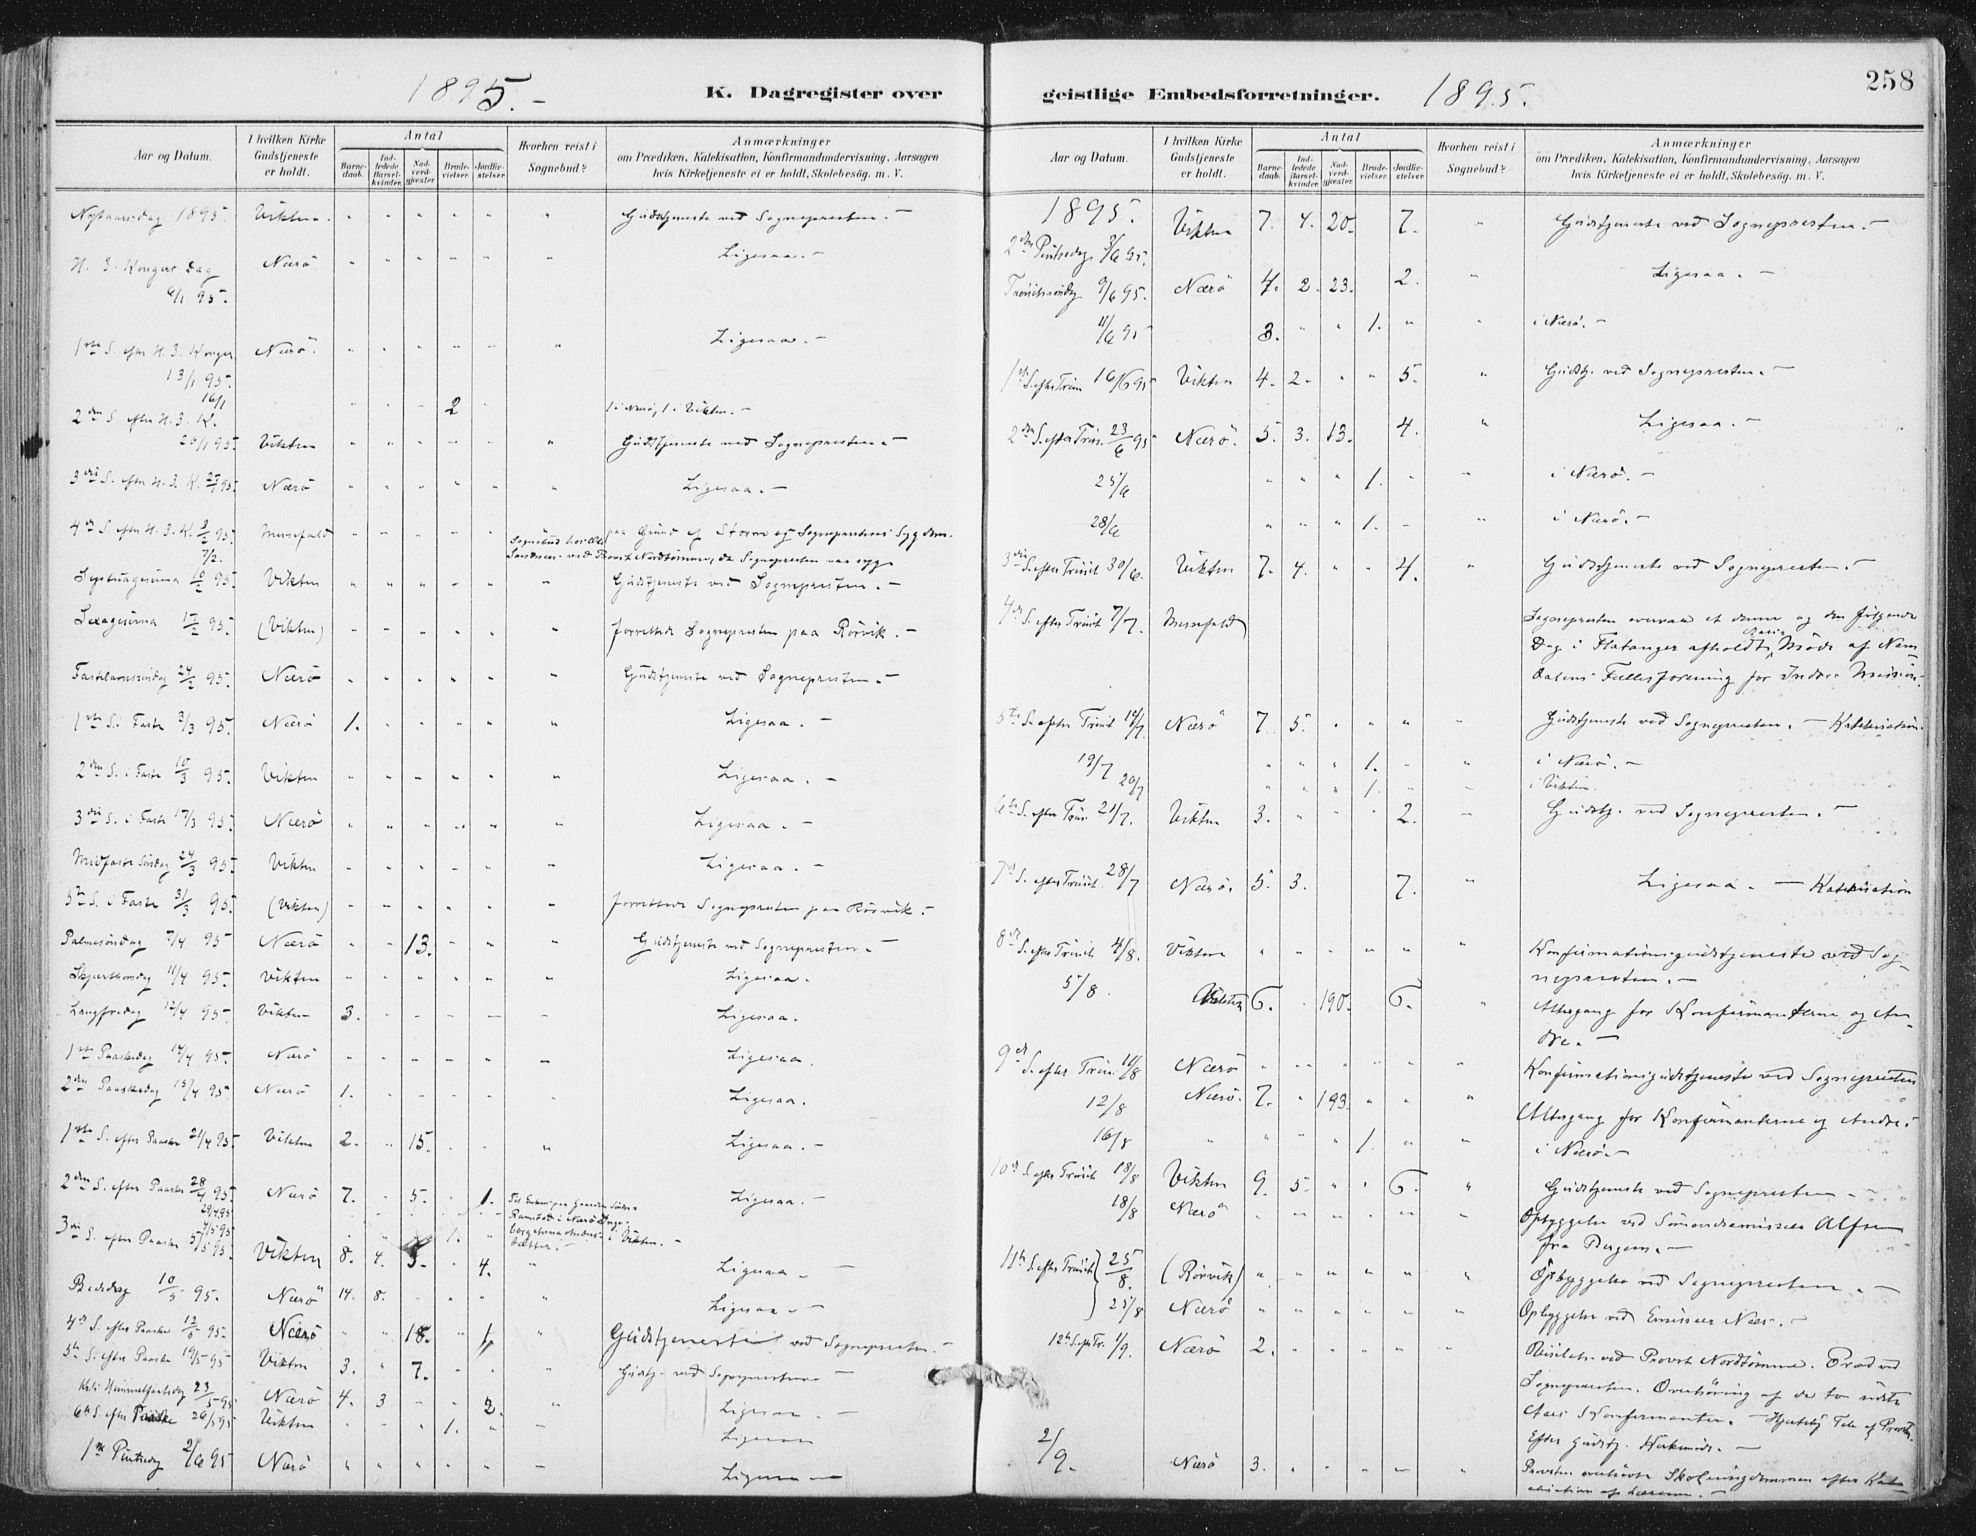 SAT, Ministerialprotokoller, klokkerbøker og fødselsregistre - Nord-Trøndelag, 784/L0673: Ministerialbok nr. 784A08, 1888-1899, s. 258